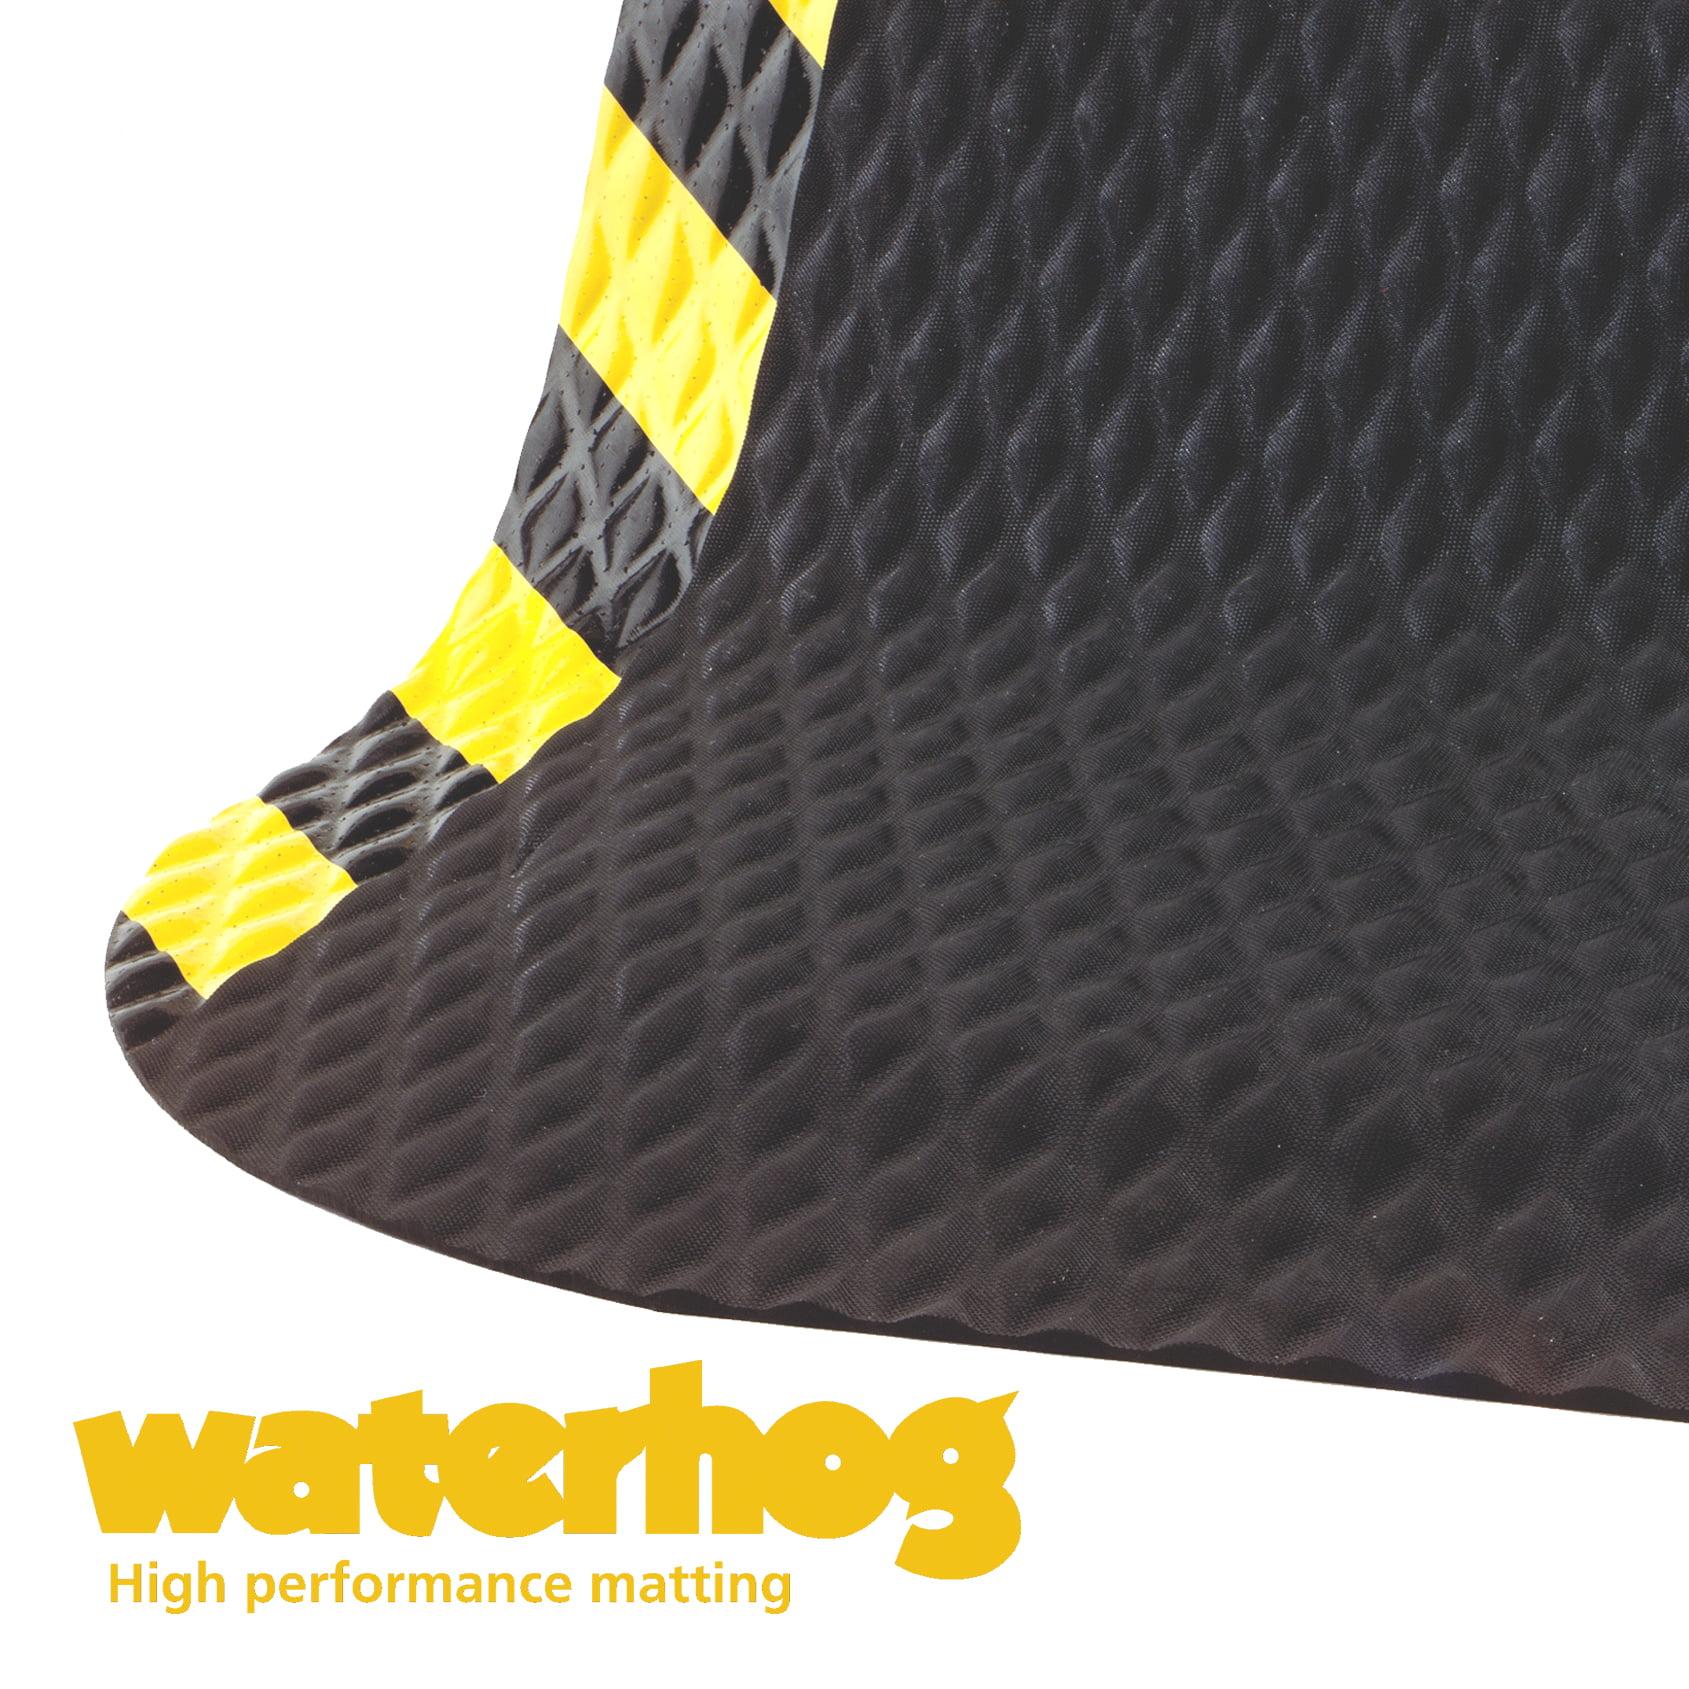 extreme standing mats fatigue anti ergonomic accessories flexispot shop mat